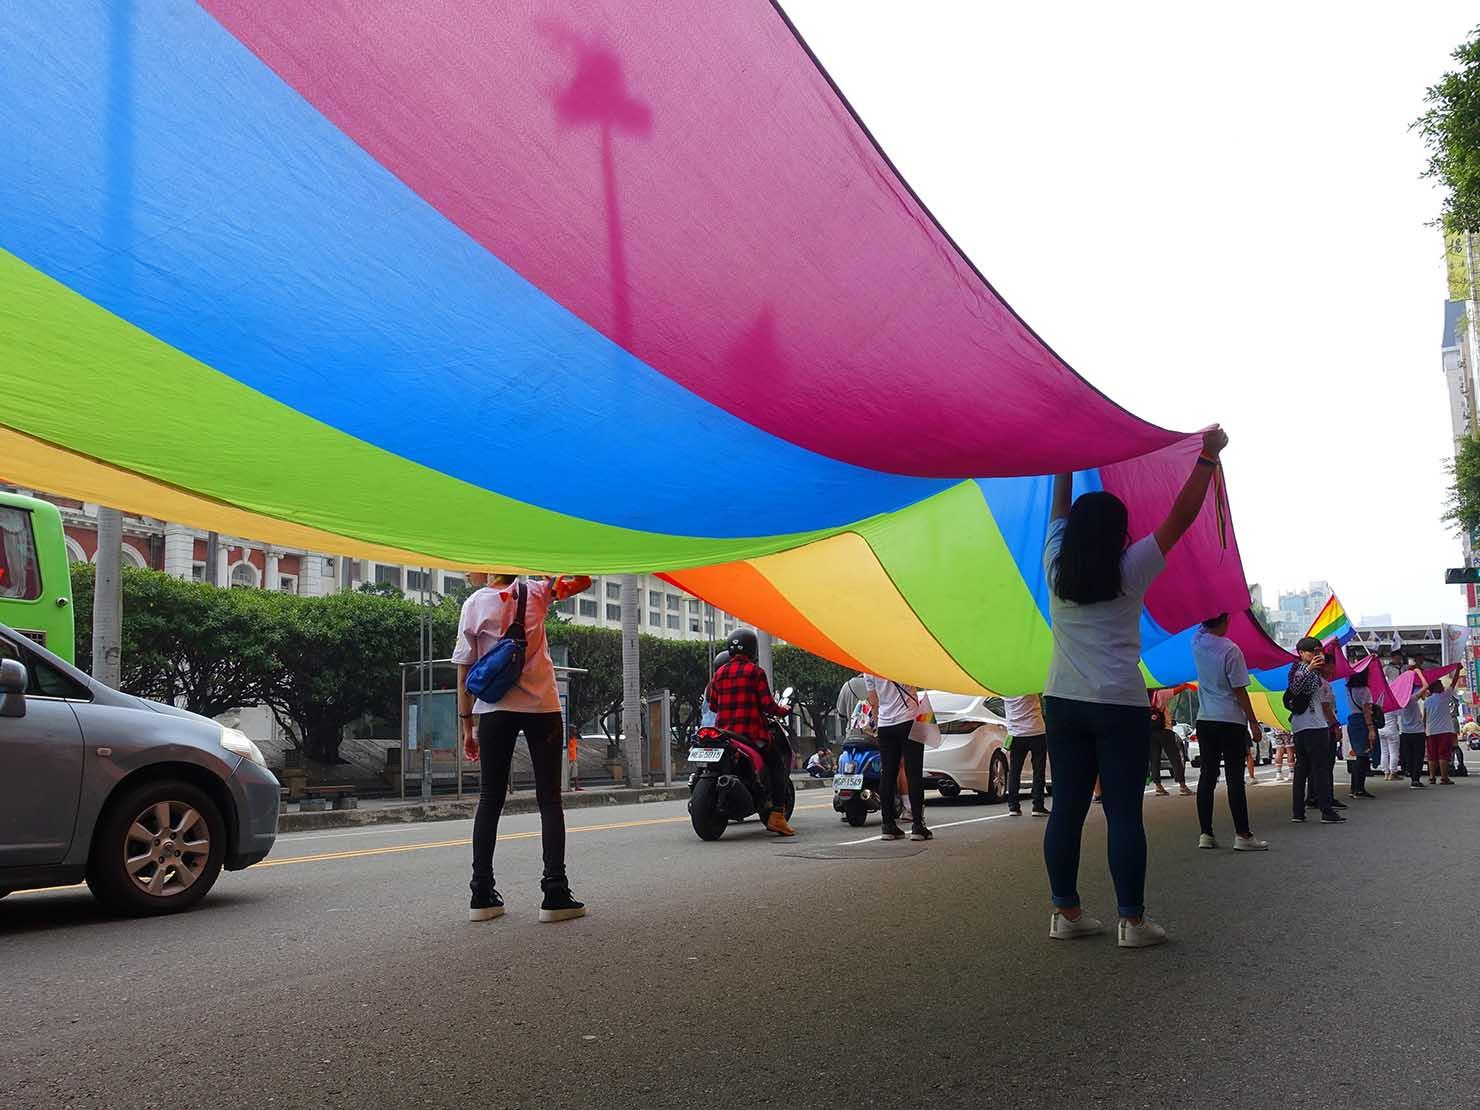 台中同志遊行(台中LGBTプライド)2018パレードを先導する巨大レインボーフラッグを下から